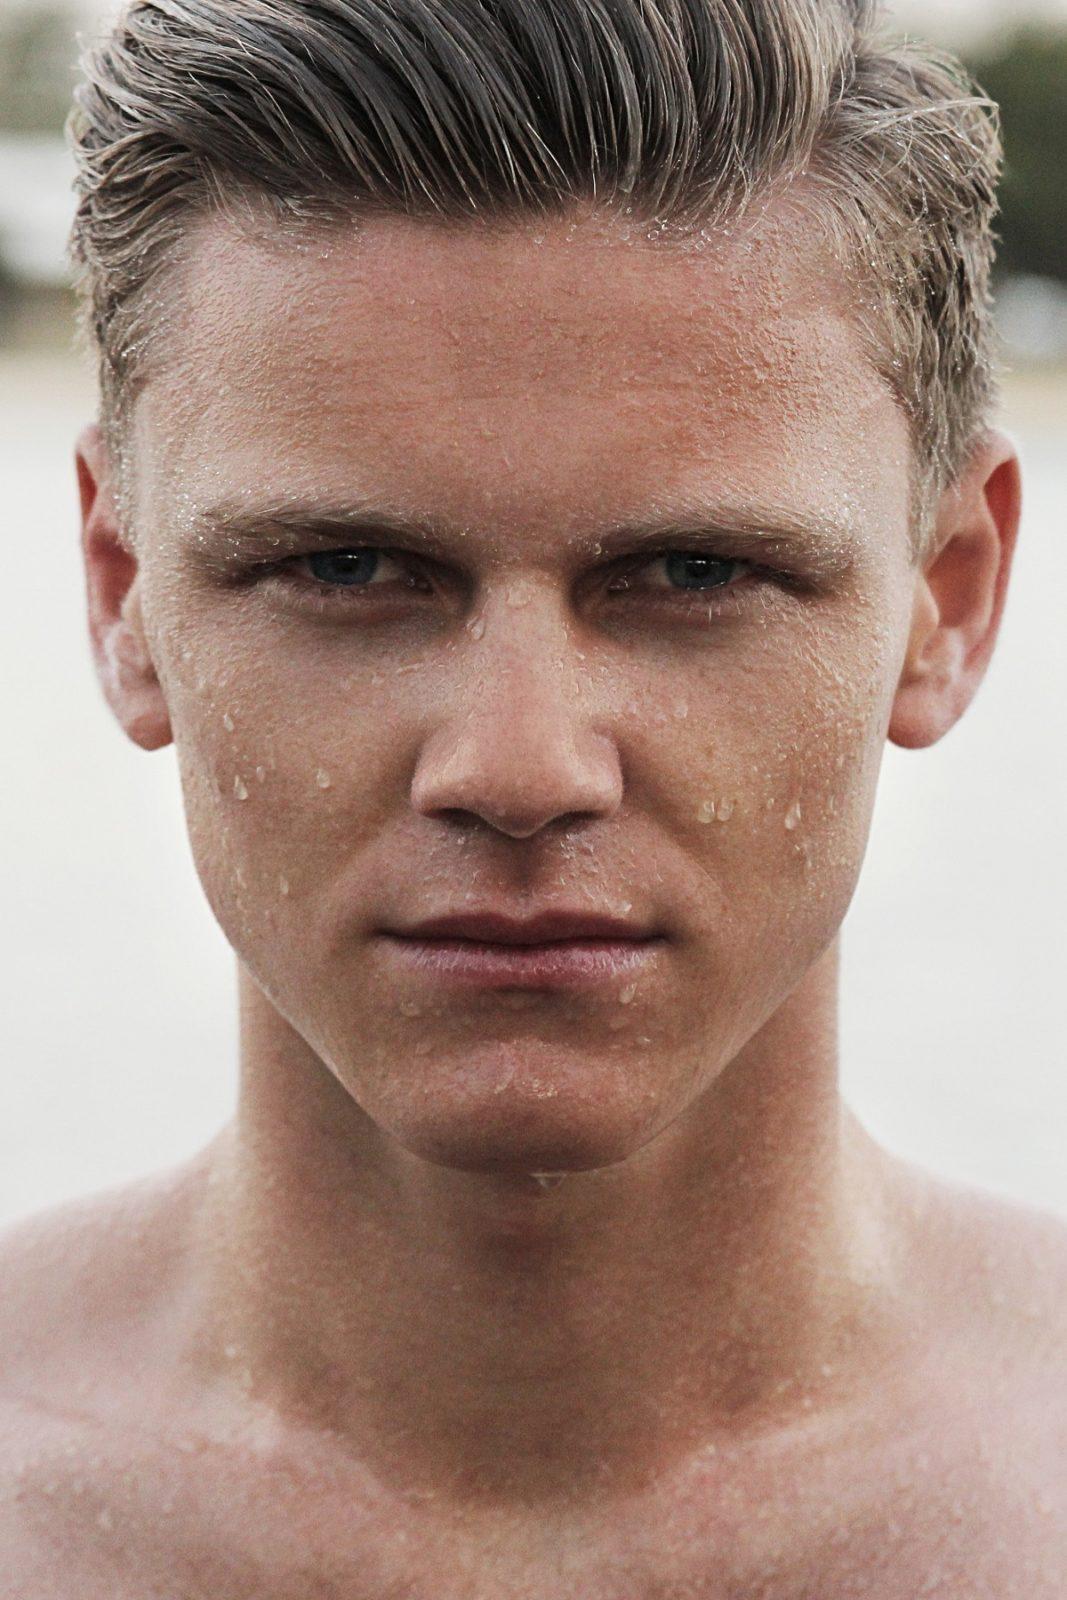 Холодный душ подтянет кожу лица и предотвратит выпадения волос